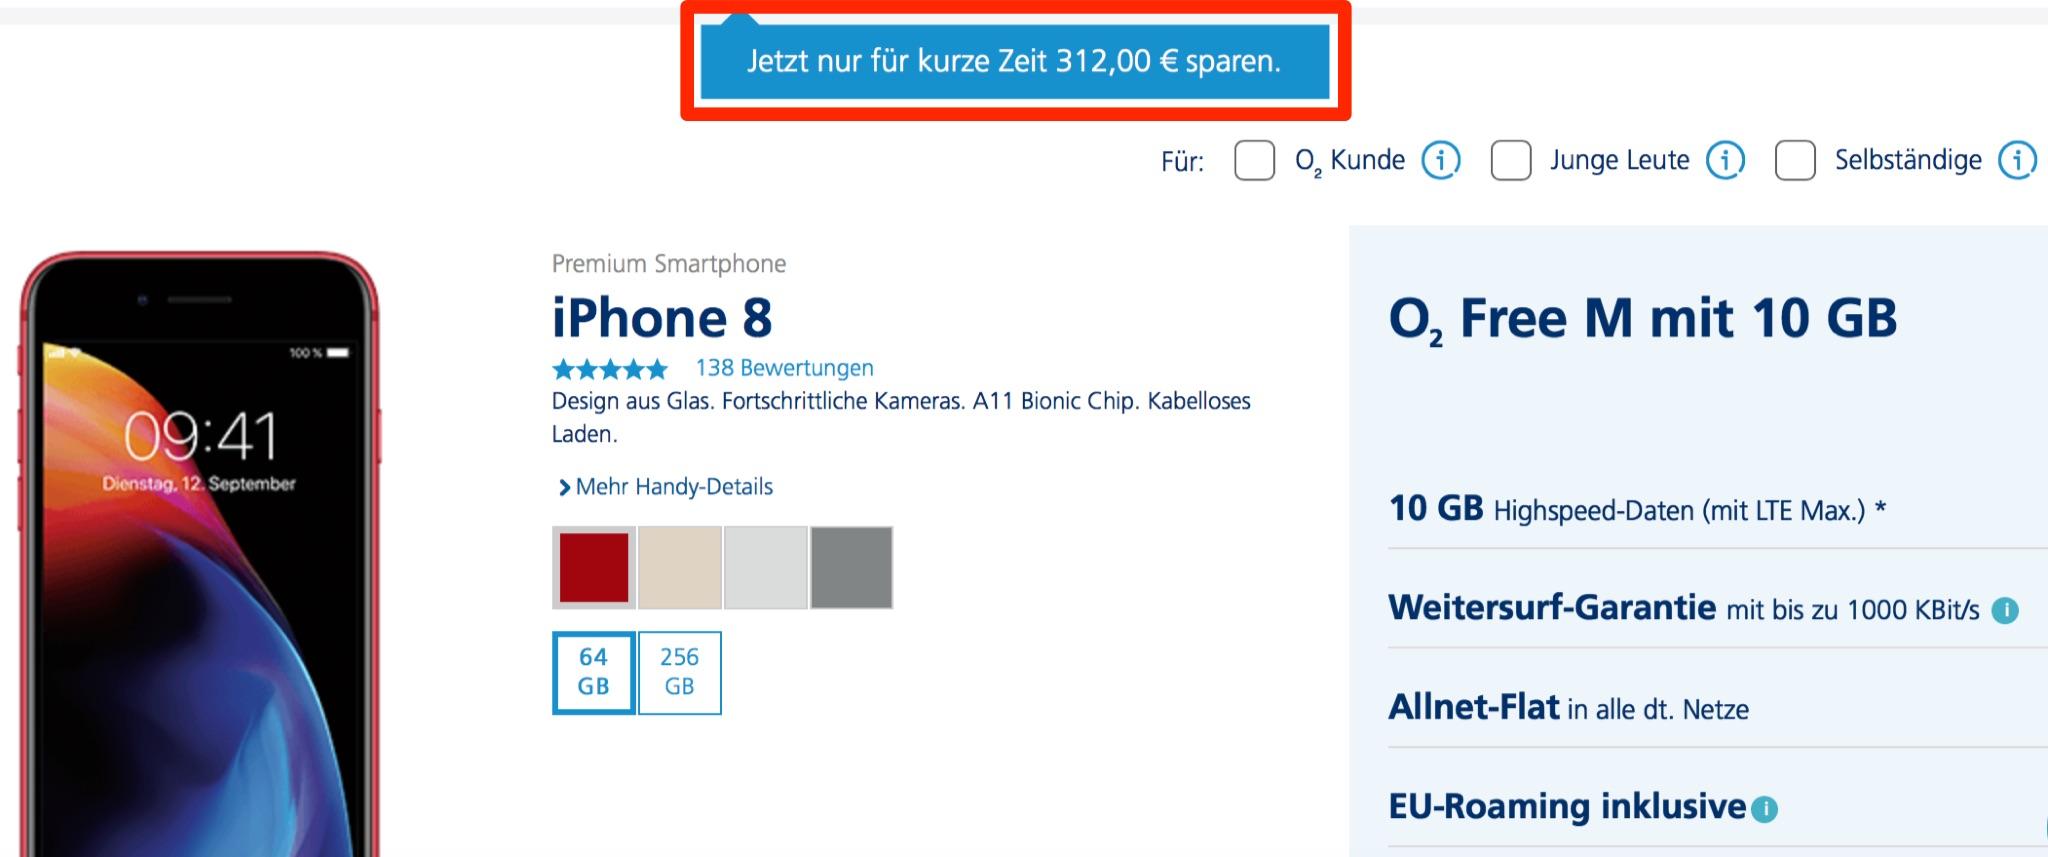 Iphone 8 Mit O2 Free M 10gb Lte Highspeed Volumen 312 Euro Rabatt